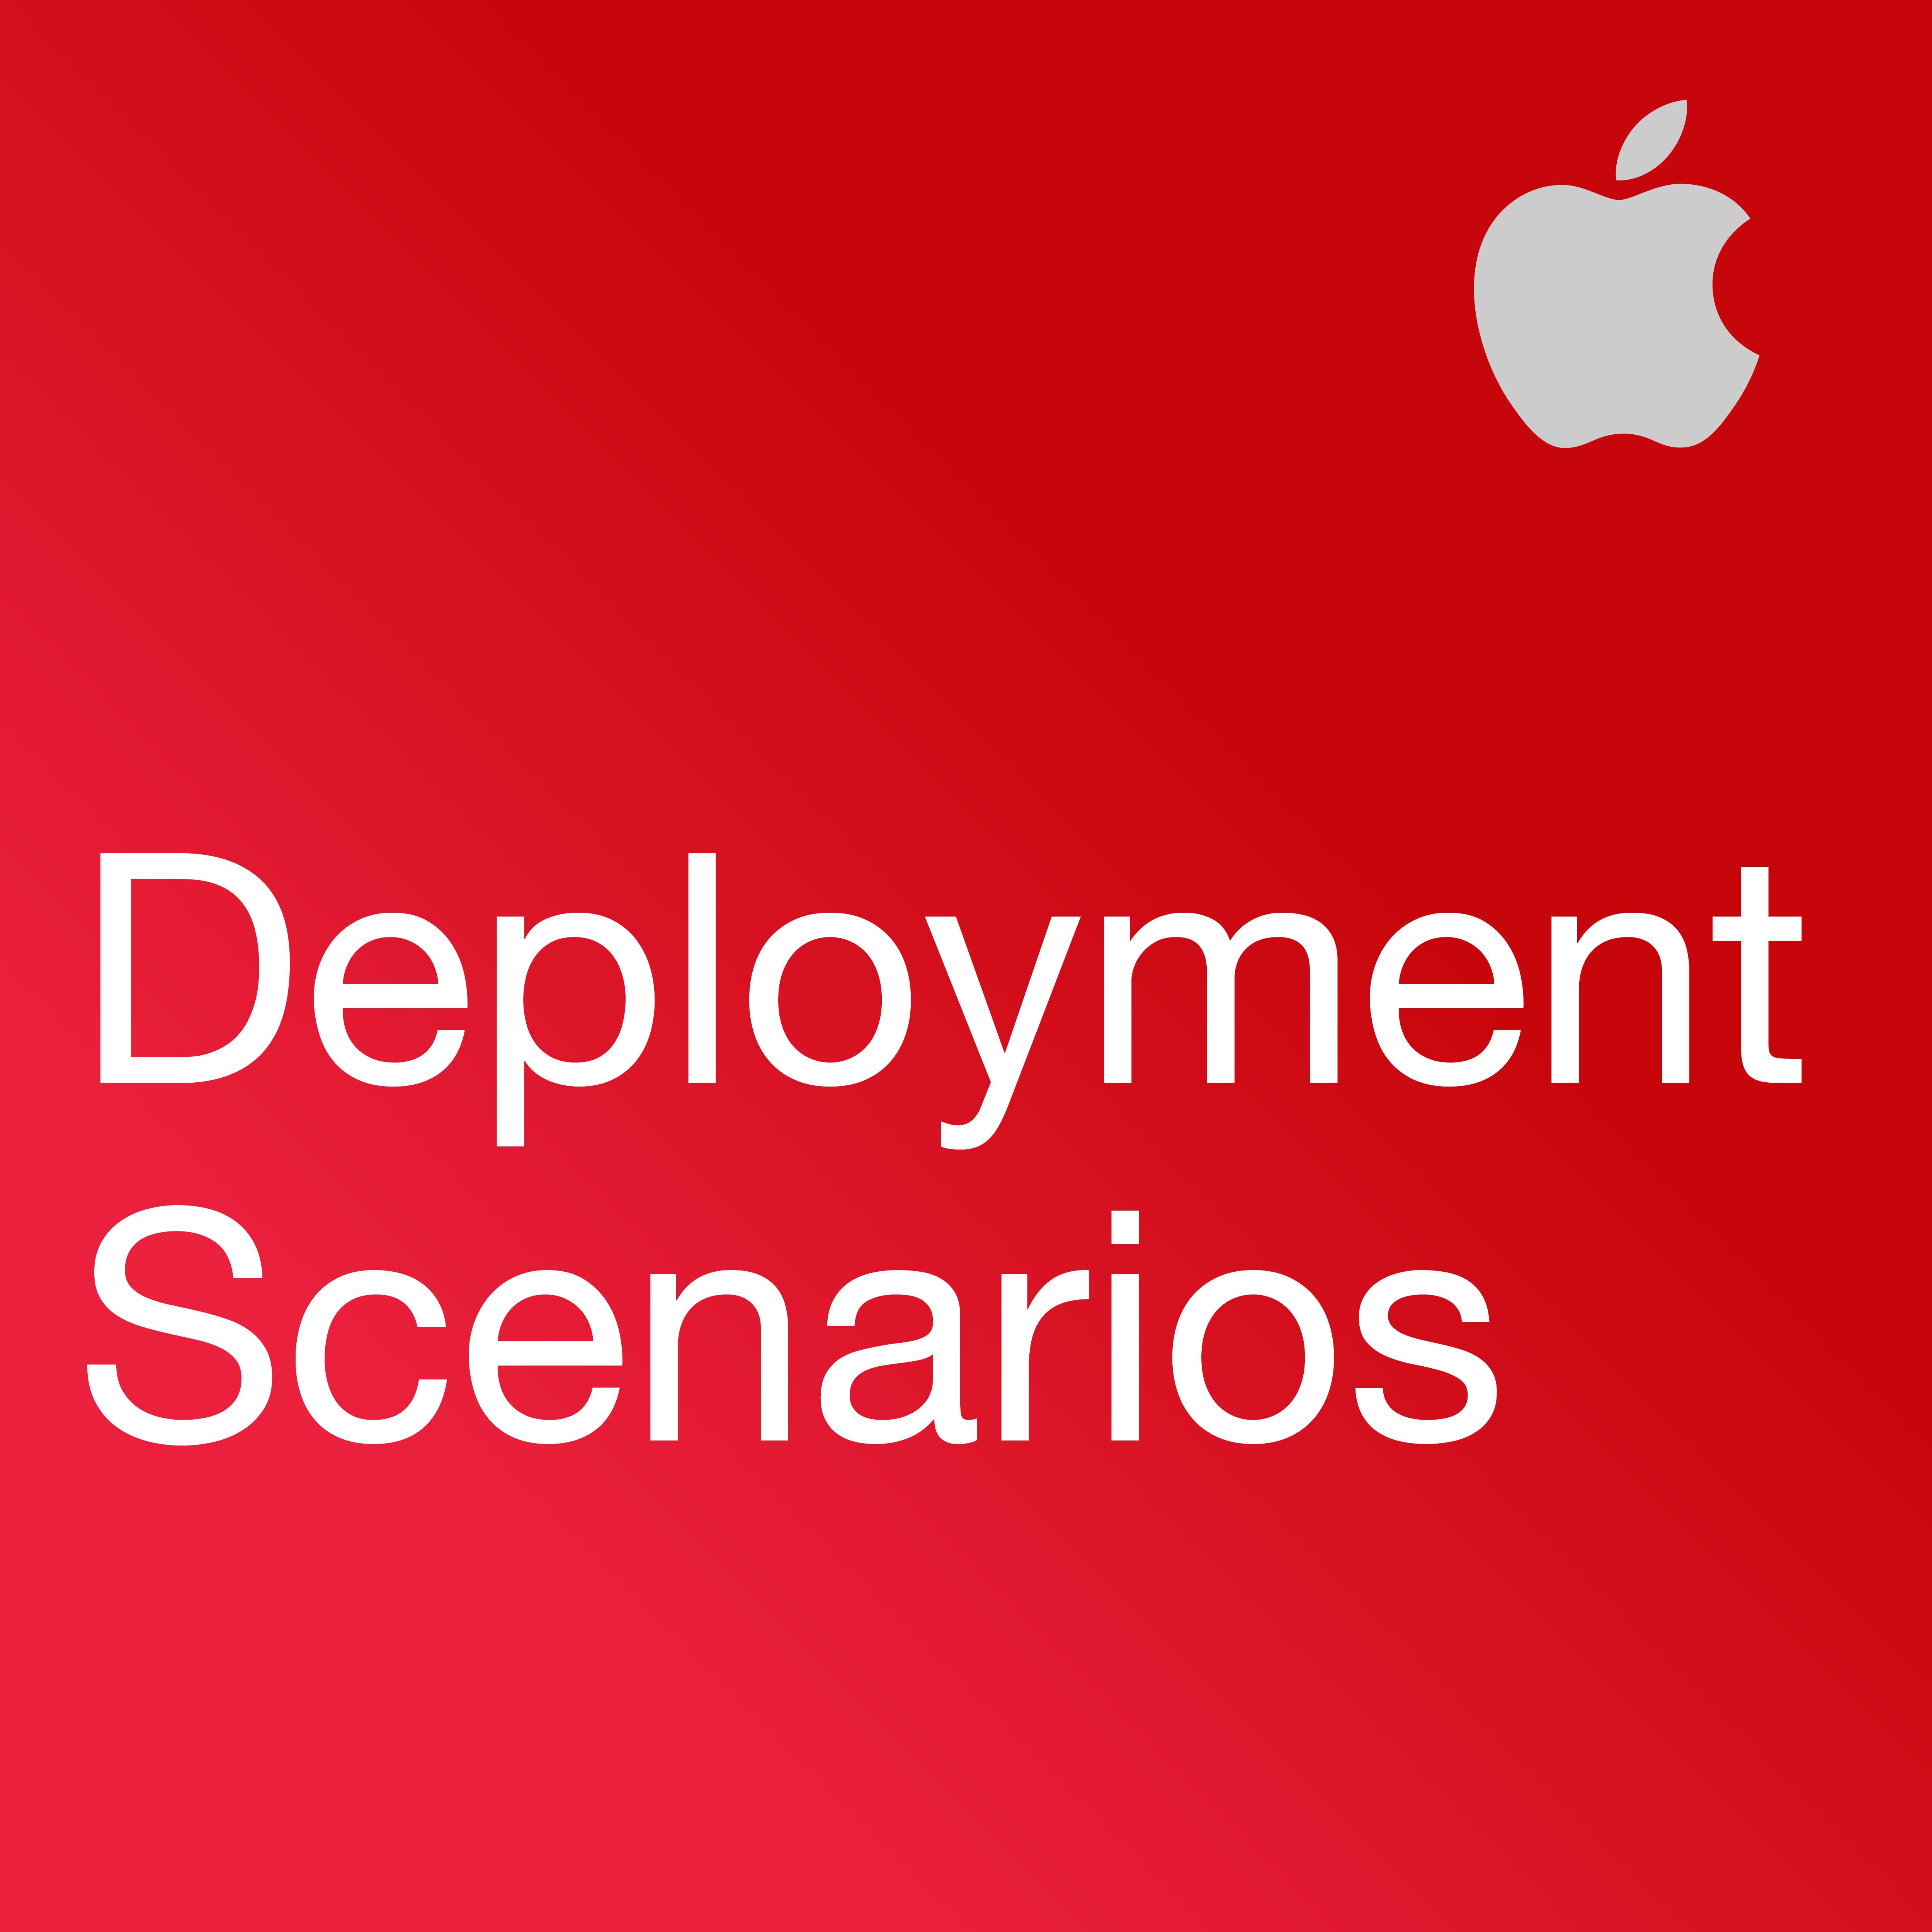 iPad in Business: Deployment Scenarios